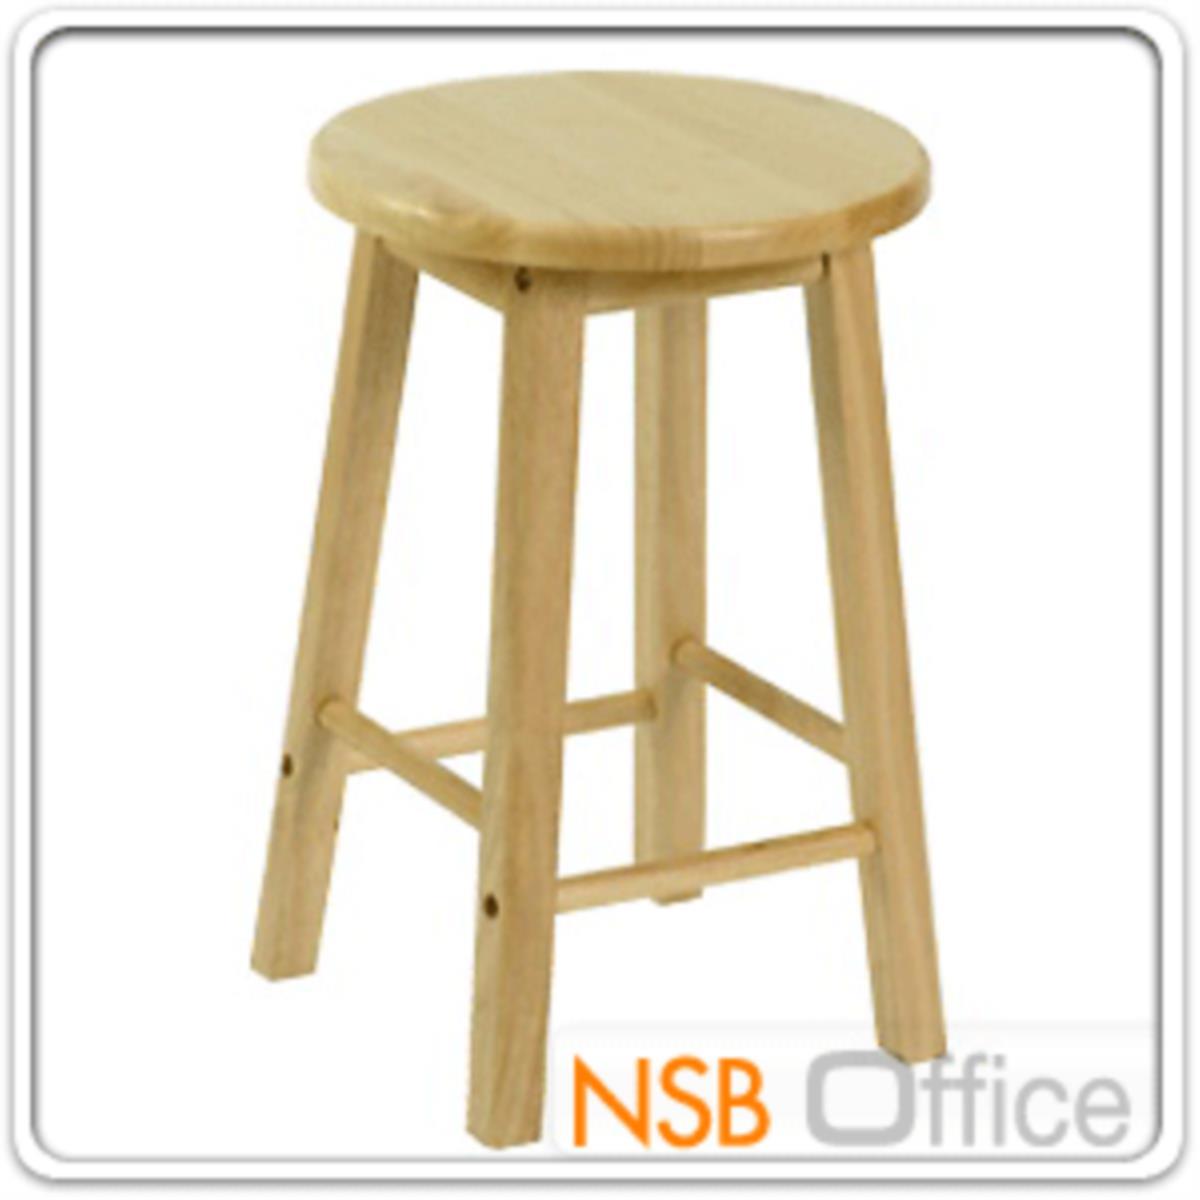 เก้าอี้สตูลที่นั่งกลมไม้ยางพารา  29Di*45H cm. ขาไม้